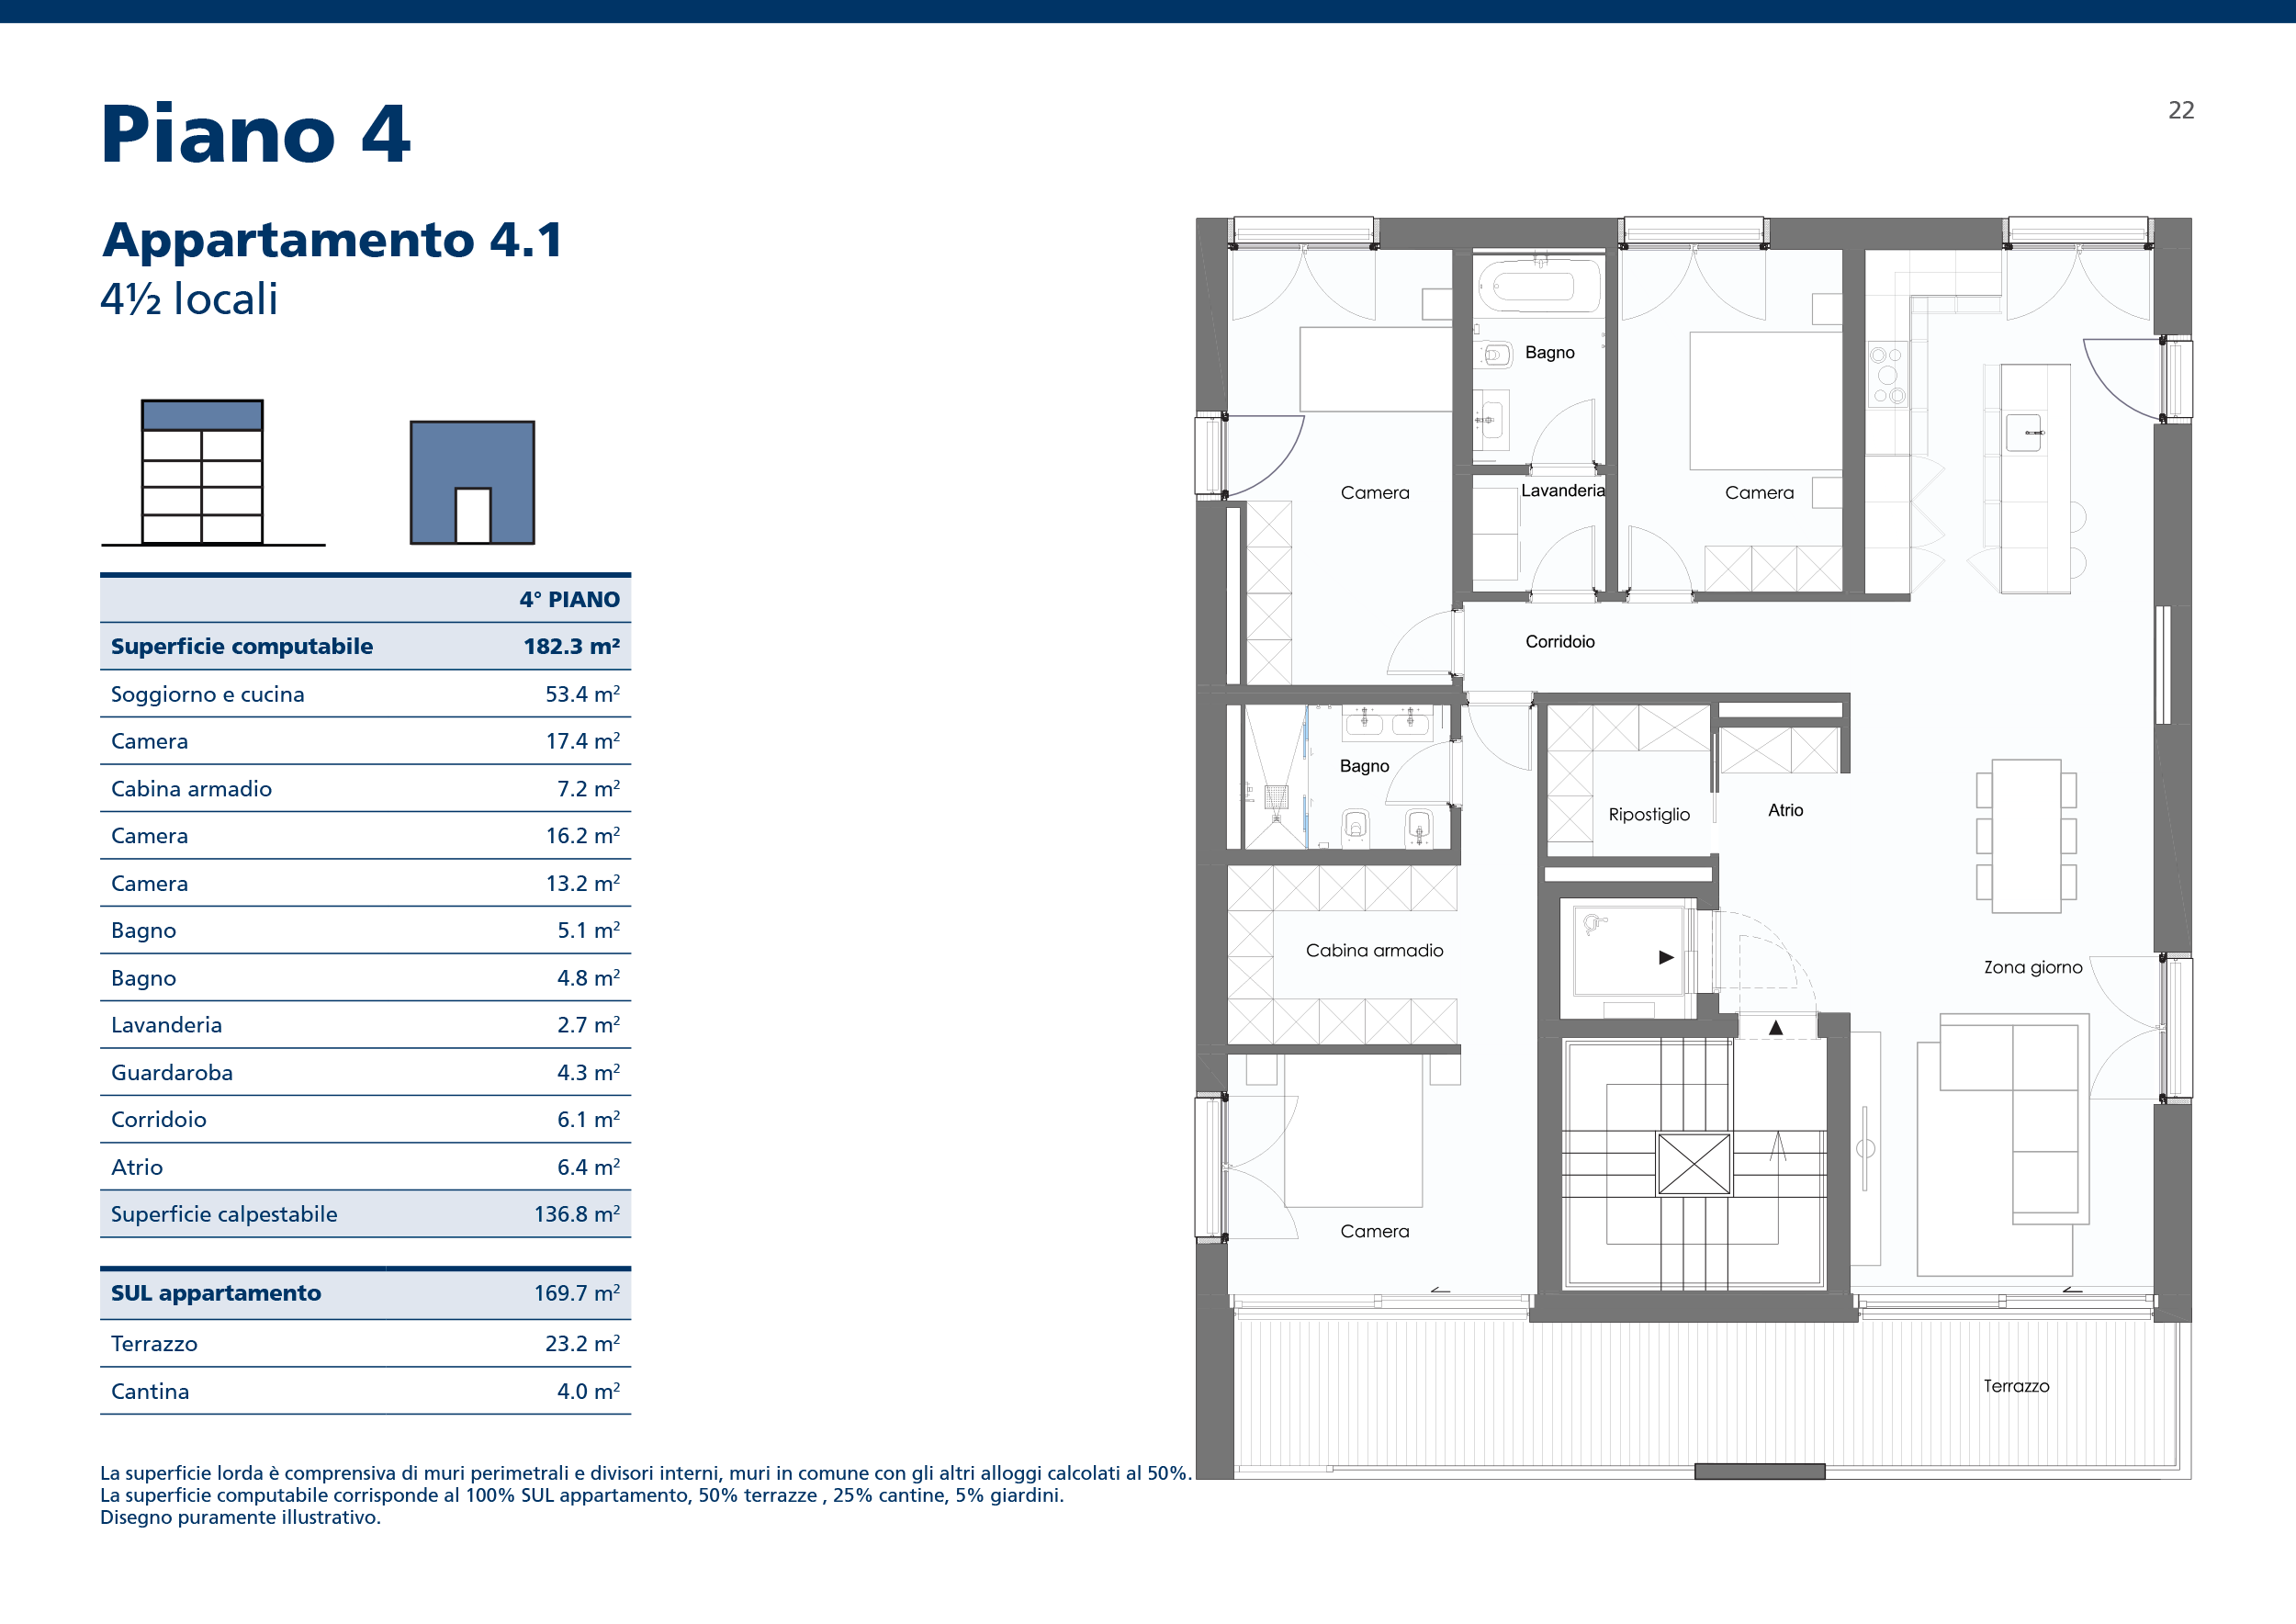 Appartamento 4.1